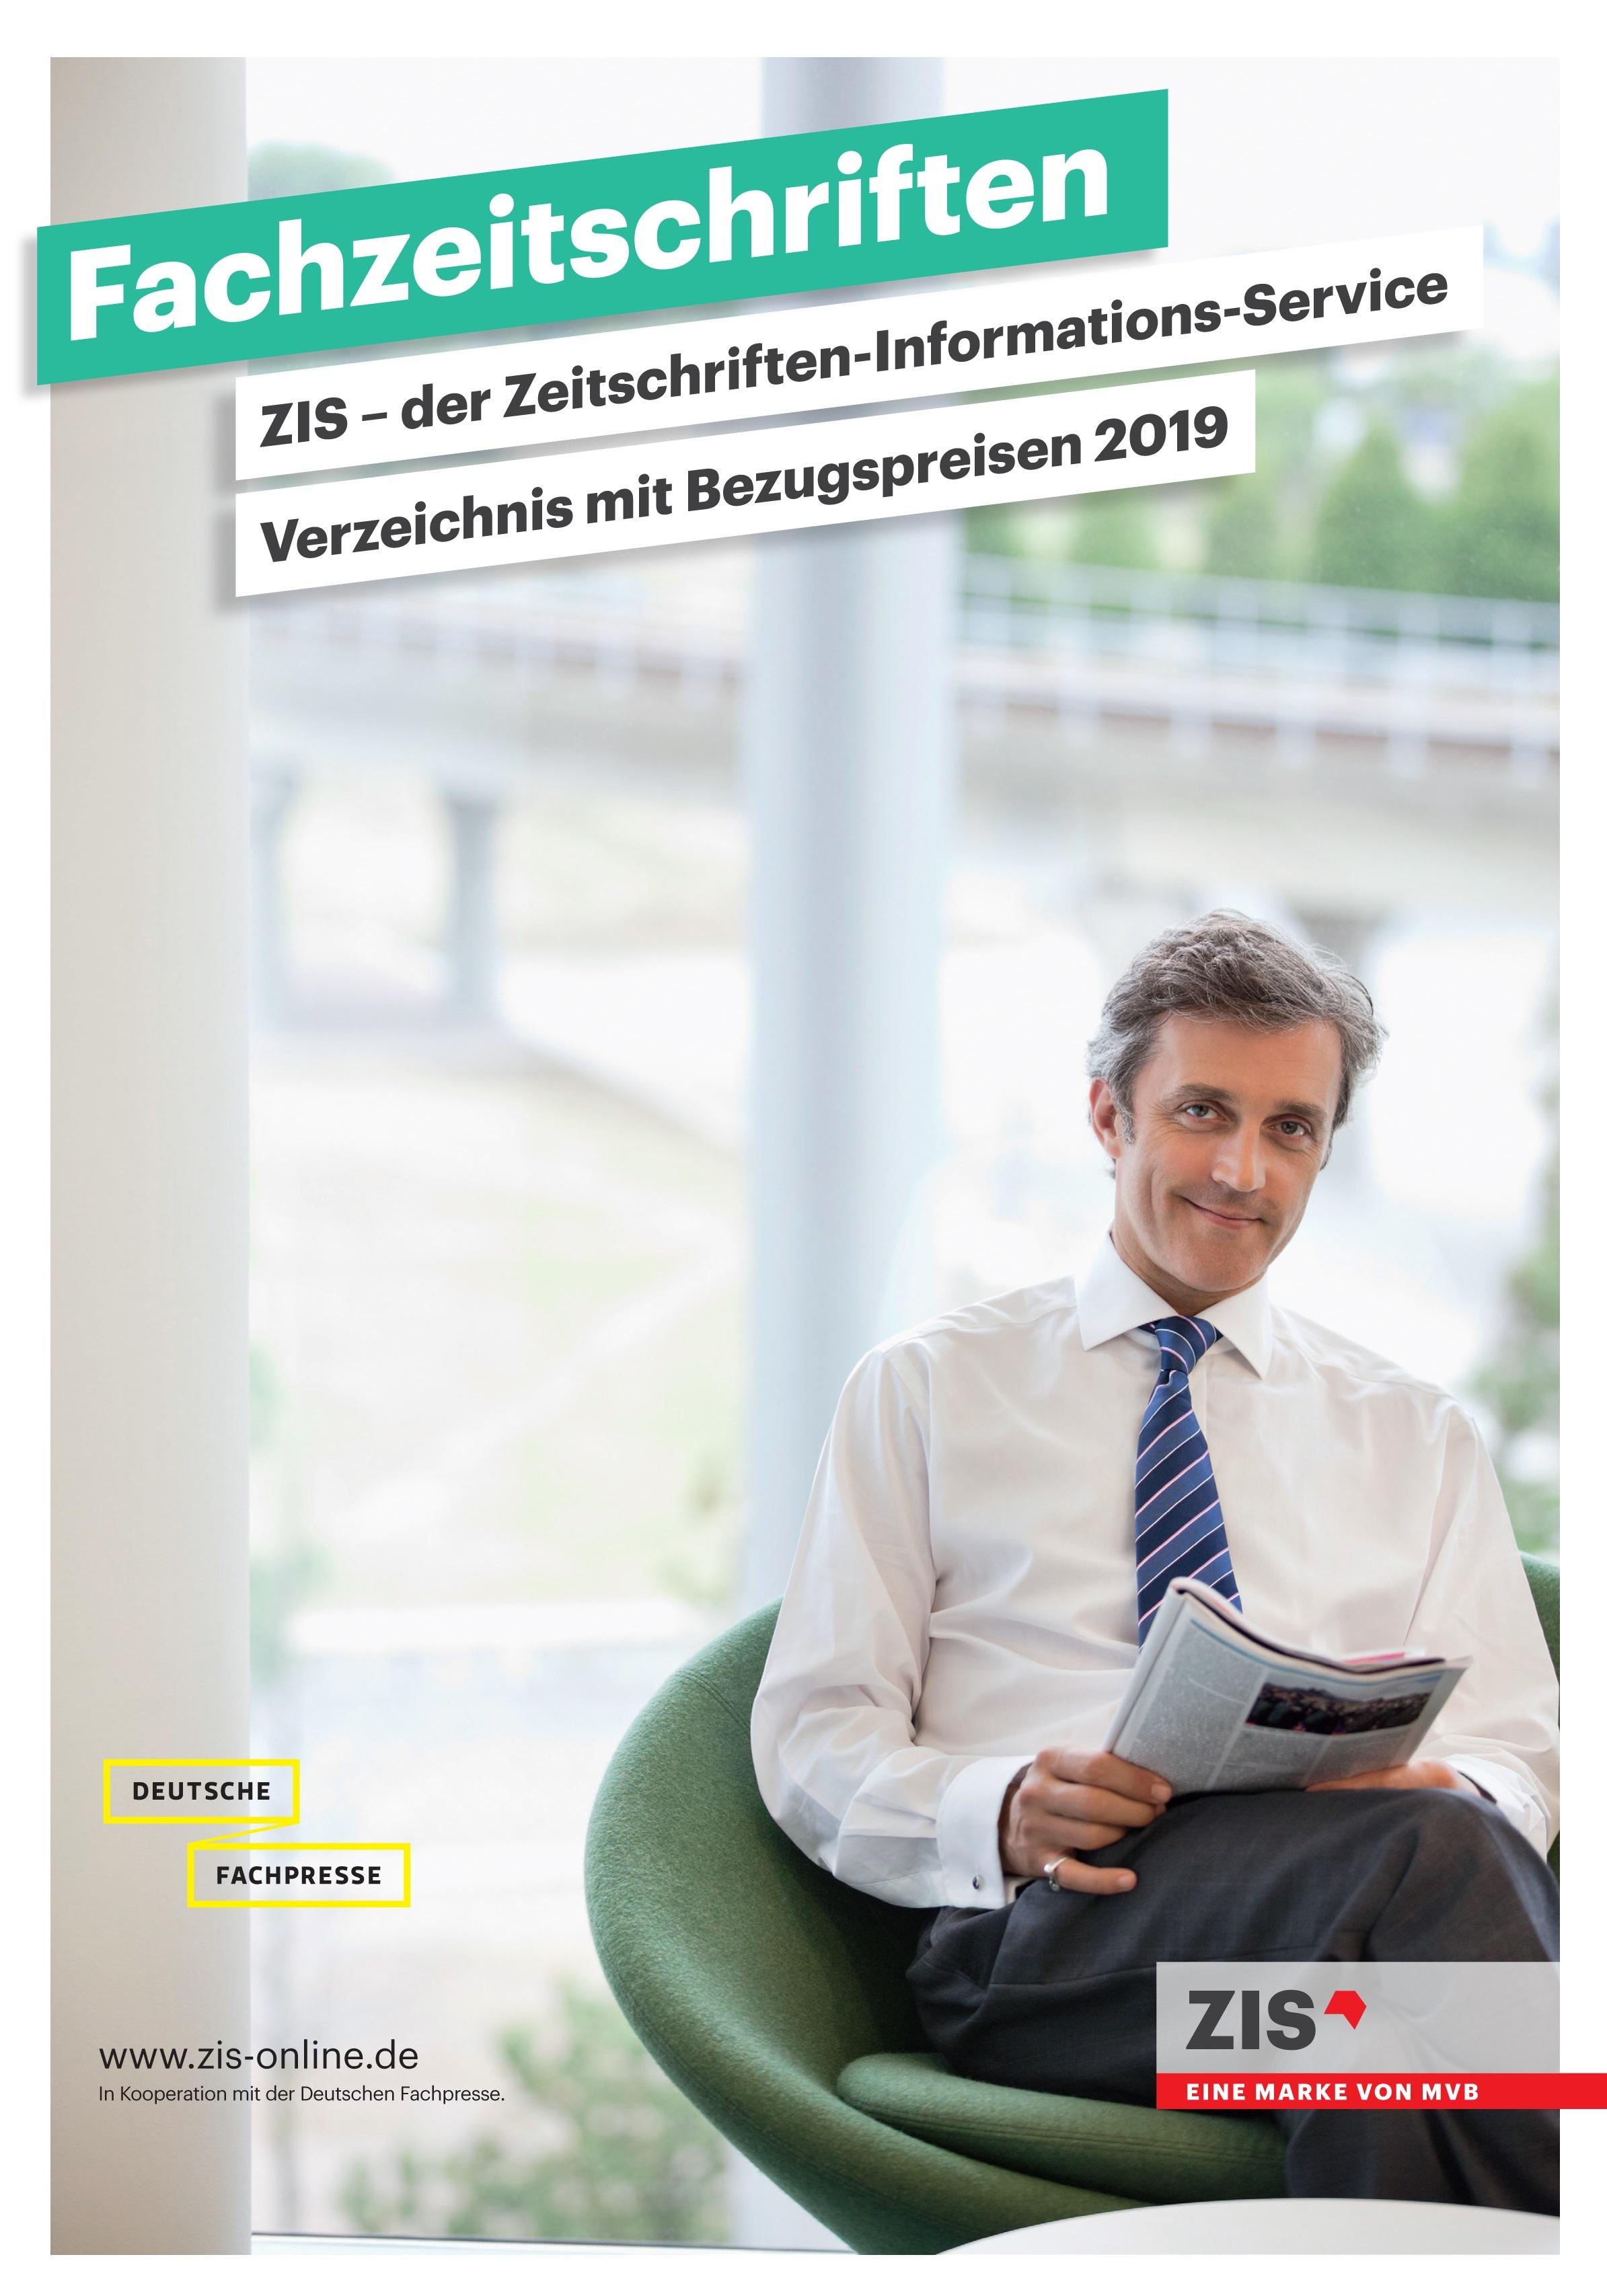 zis_katalog_2019_cover.jpg#asset:7392